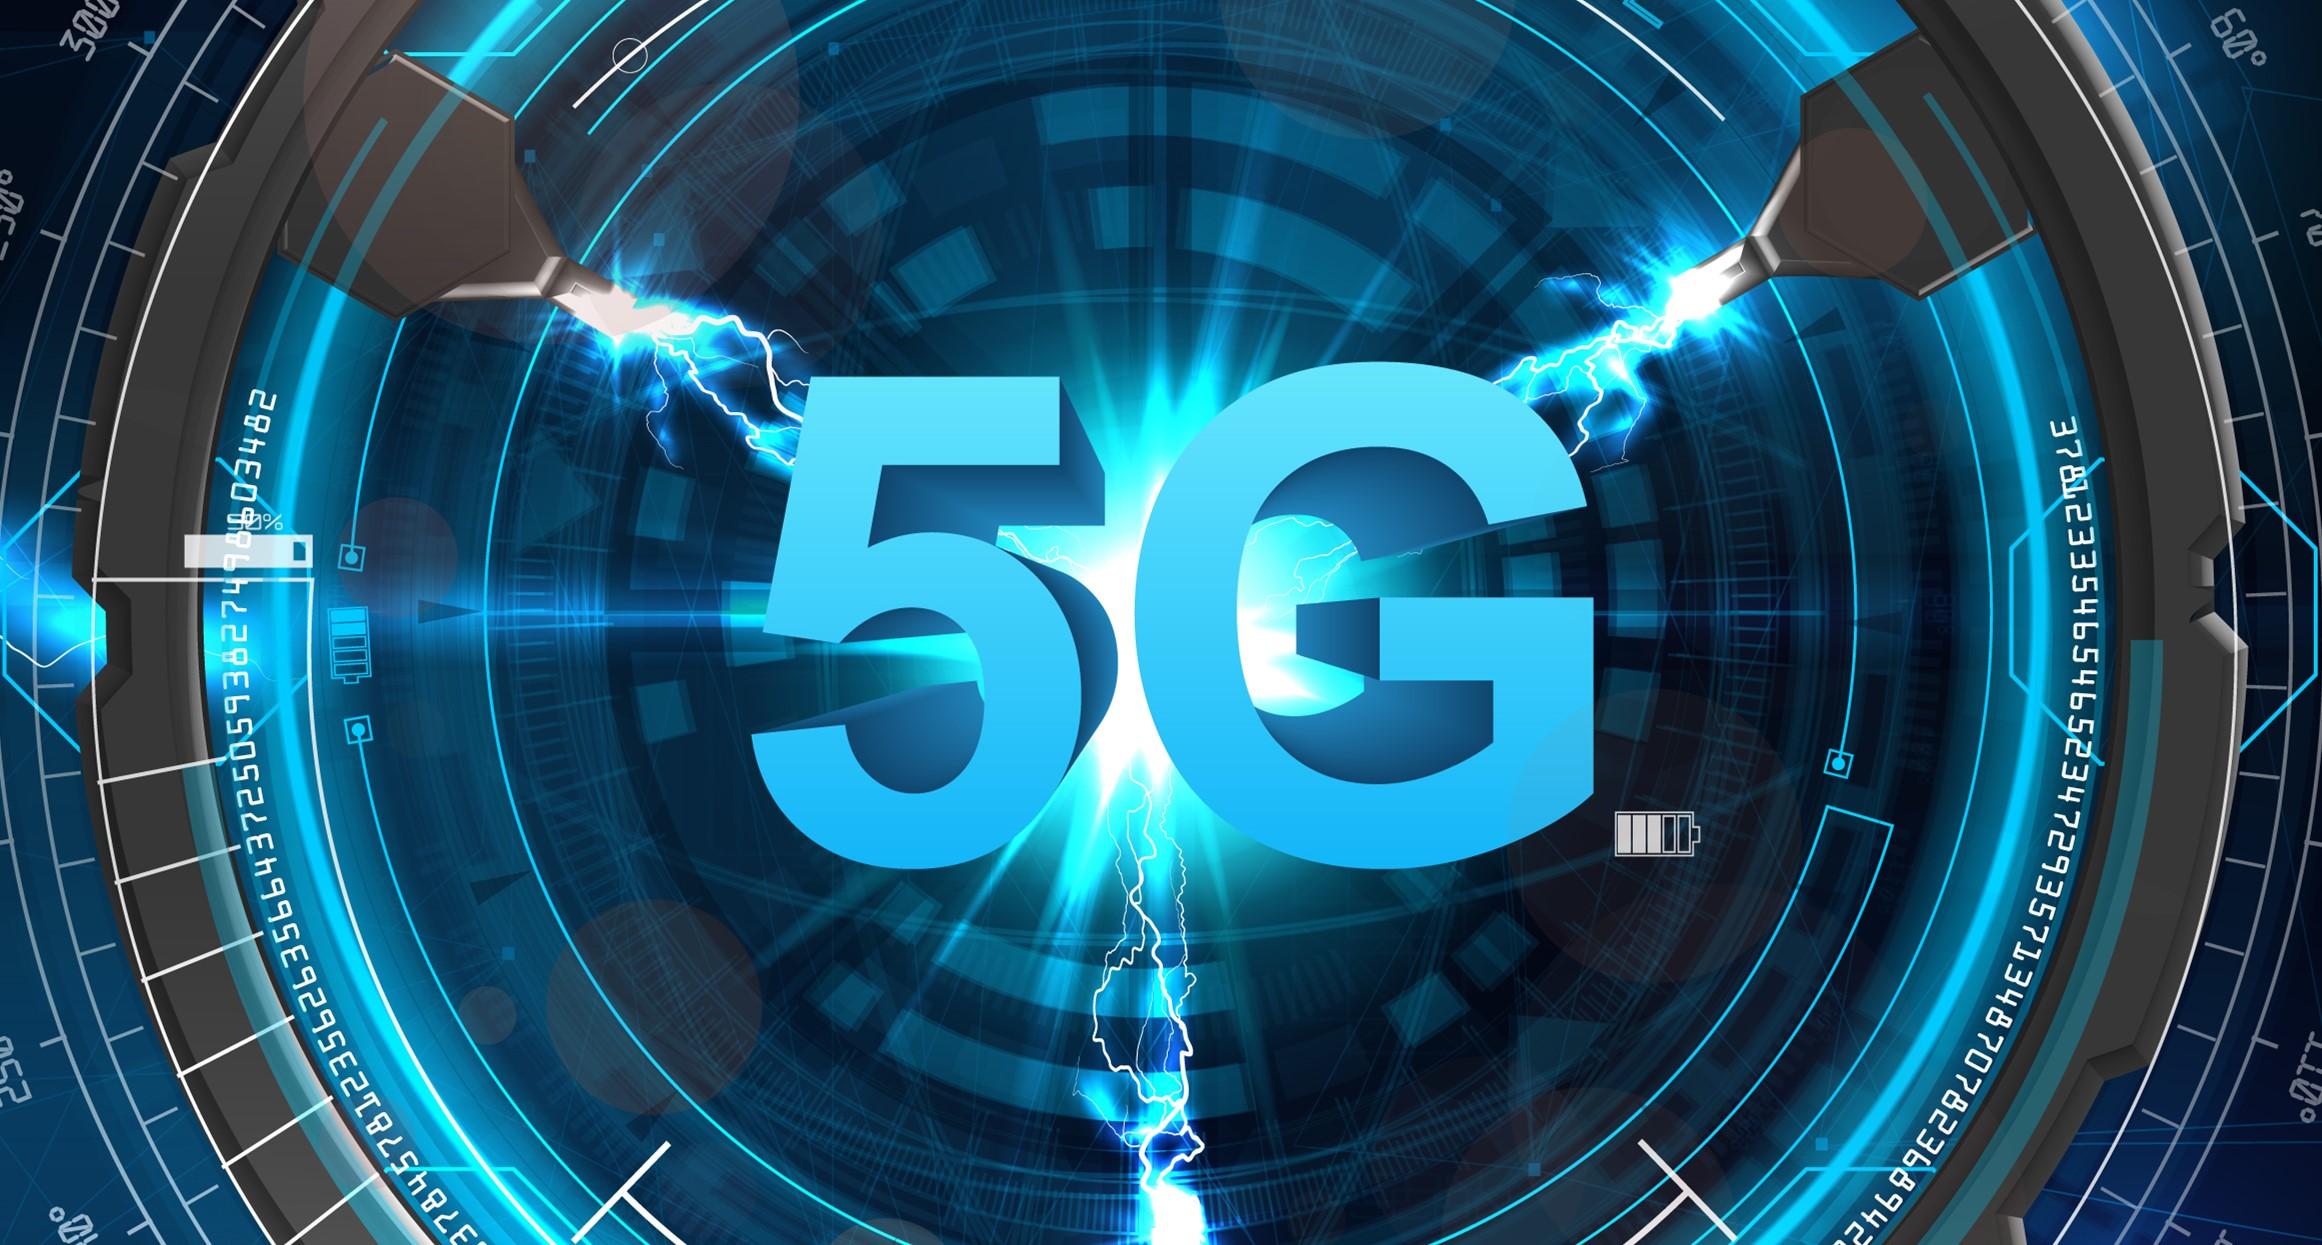 """过分突出5G的""""快""""是一种误导"""